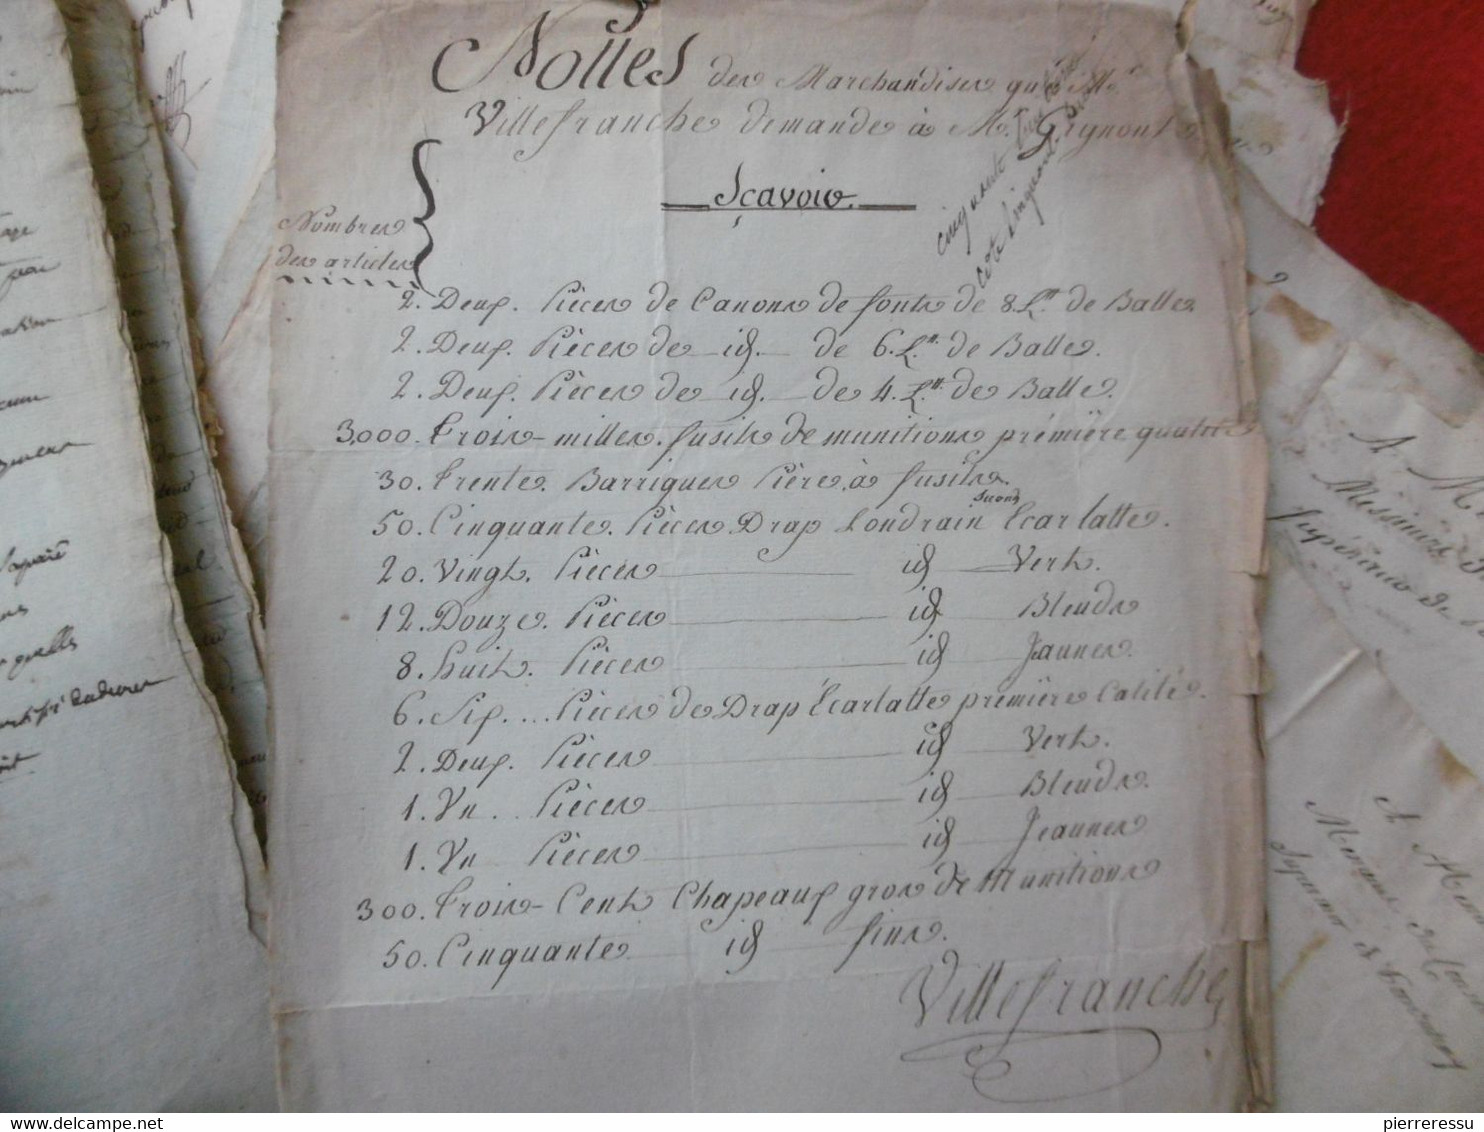 ESCLAVES NOIRS ARCHIVE GIGNOT ISLE DE FRANCE 1793 PONDICHERY MARINE AUTOGRAPHE NAVIRE BATEAU - Historical Documents